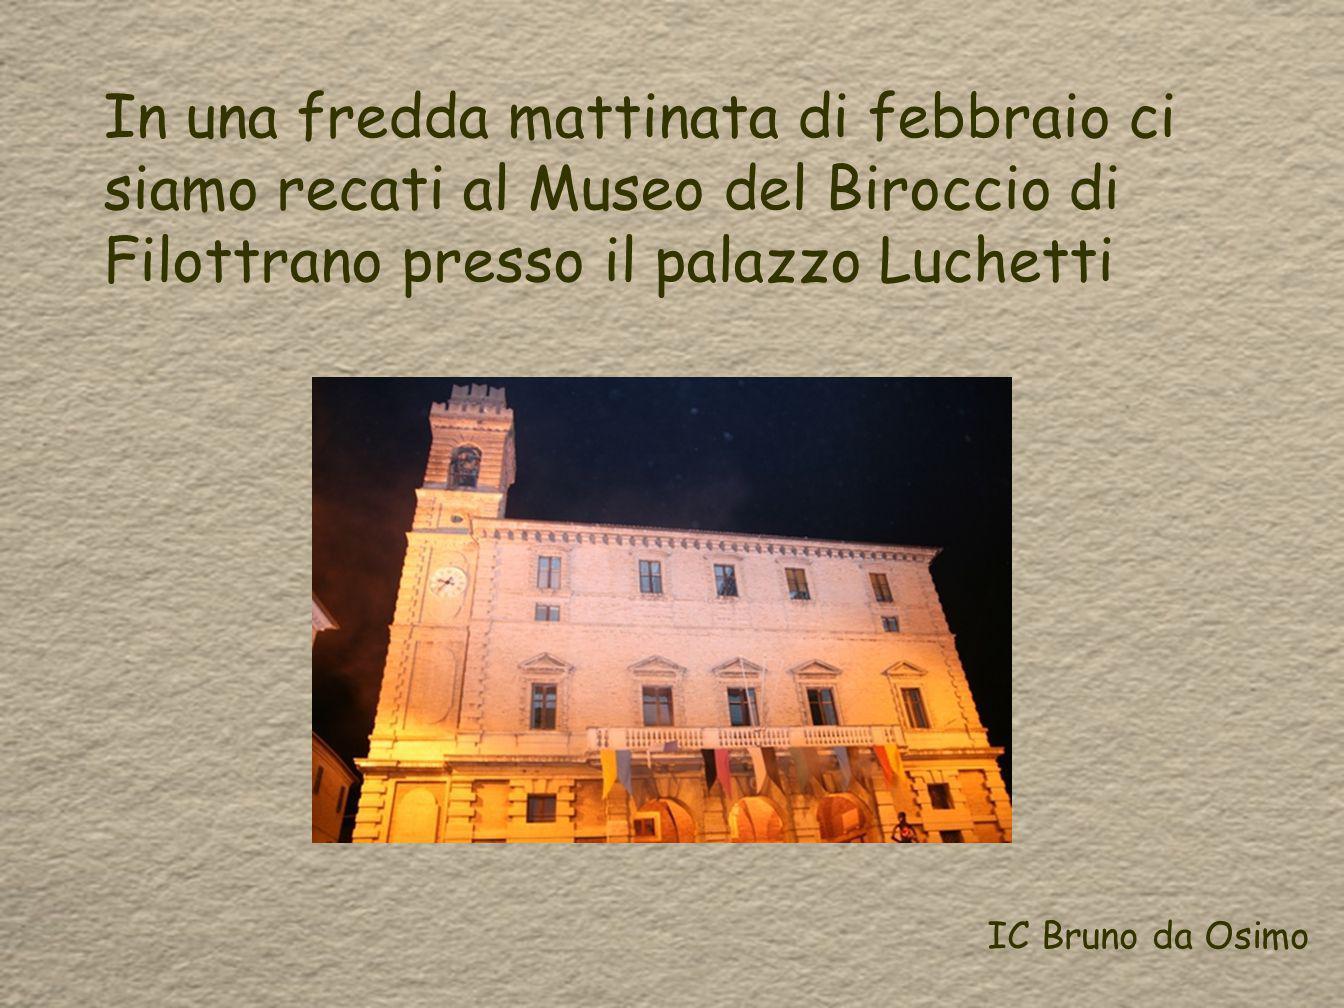 In una fredda mattinata di febbraio ci siamo recati al Museo del Biroccio di Filottrano presso il palazzo Luchetti